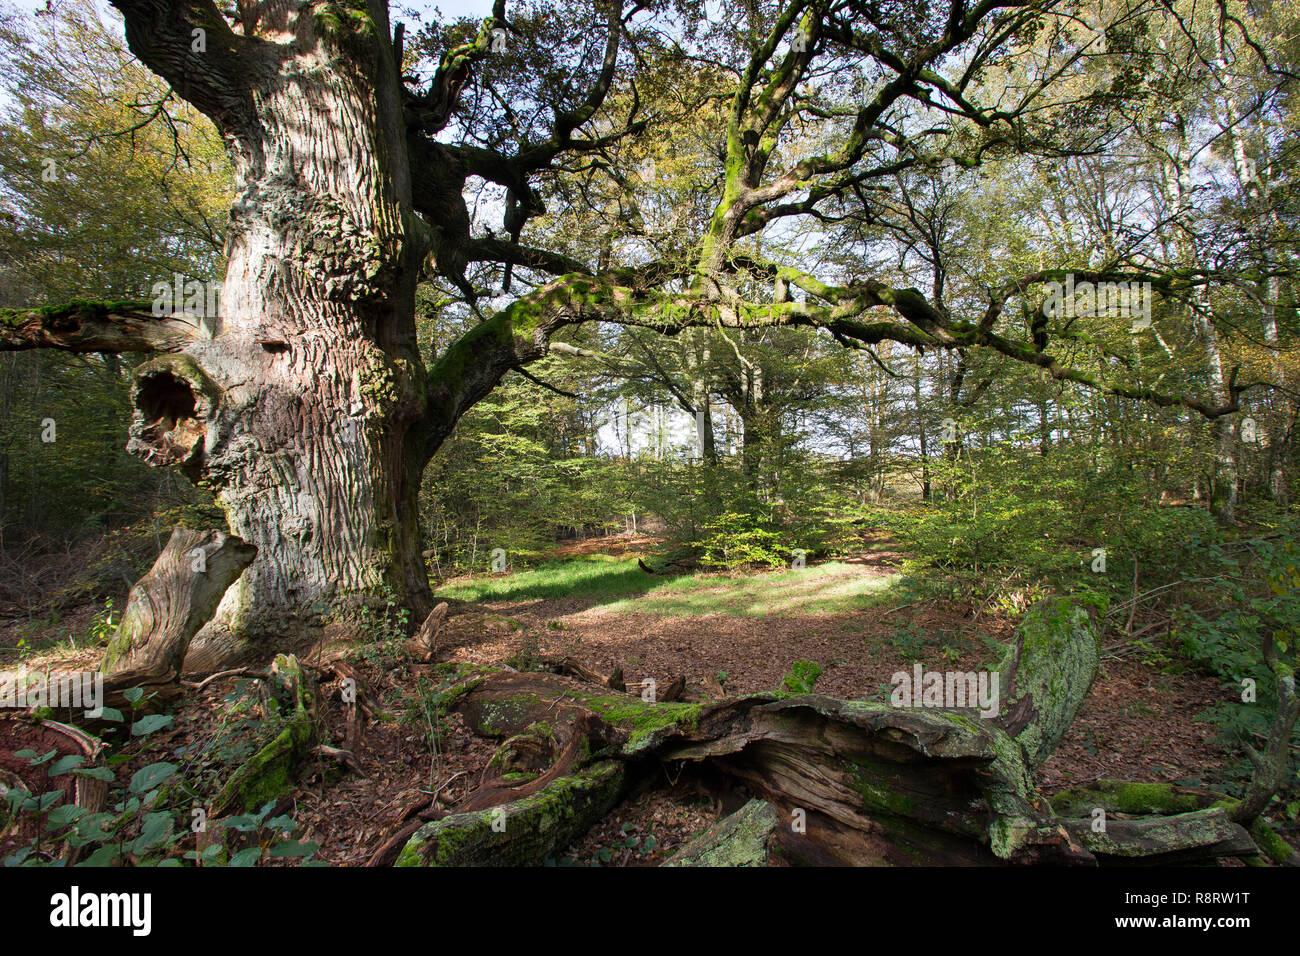 Urwald, Wald, natürlicher Mischwald, Eichenwald, Totholz, Baumriese, alte Eiche, Quercus, primeval forest, virgin forest, deadwood, dead wood, oak, oa - Stock Image